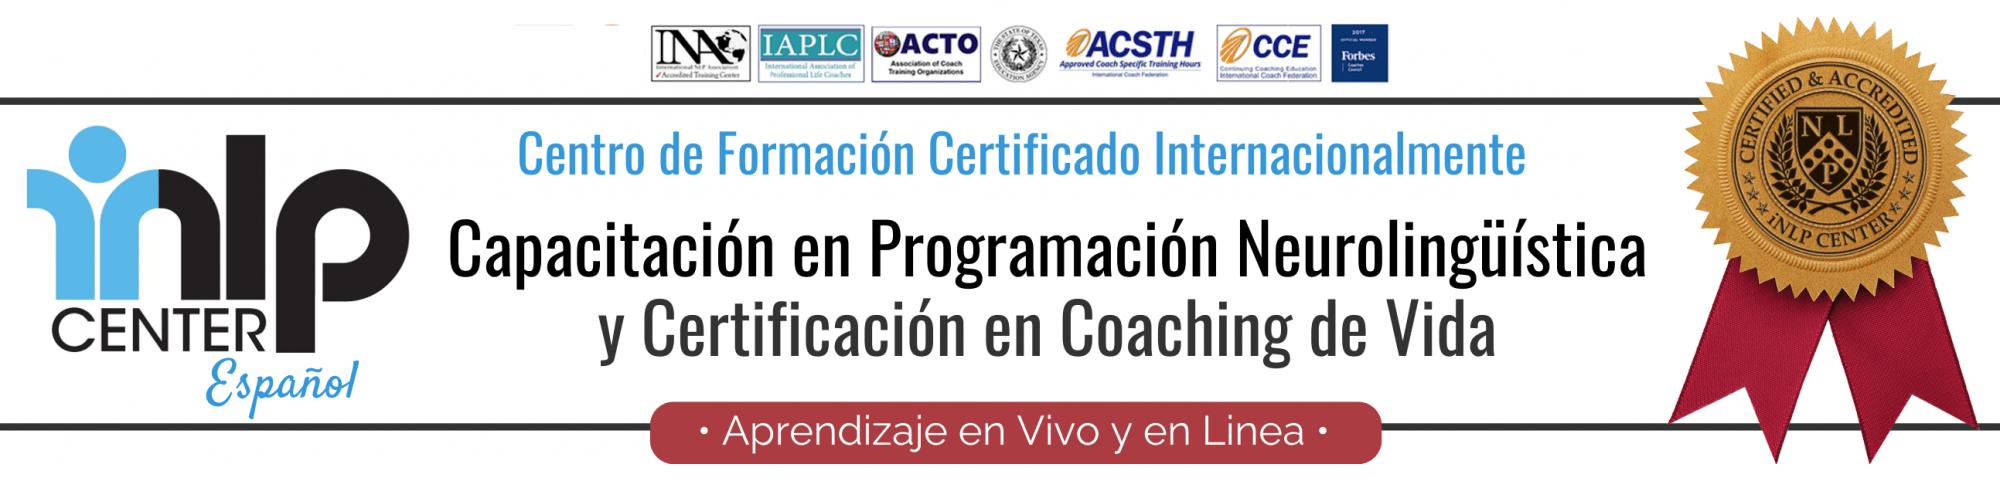 iNLP Center Español